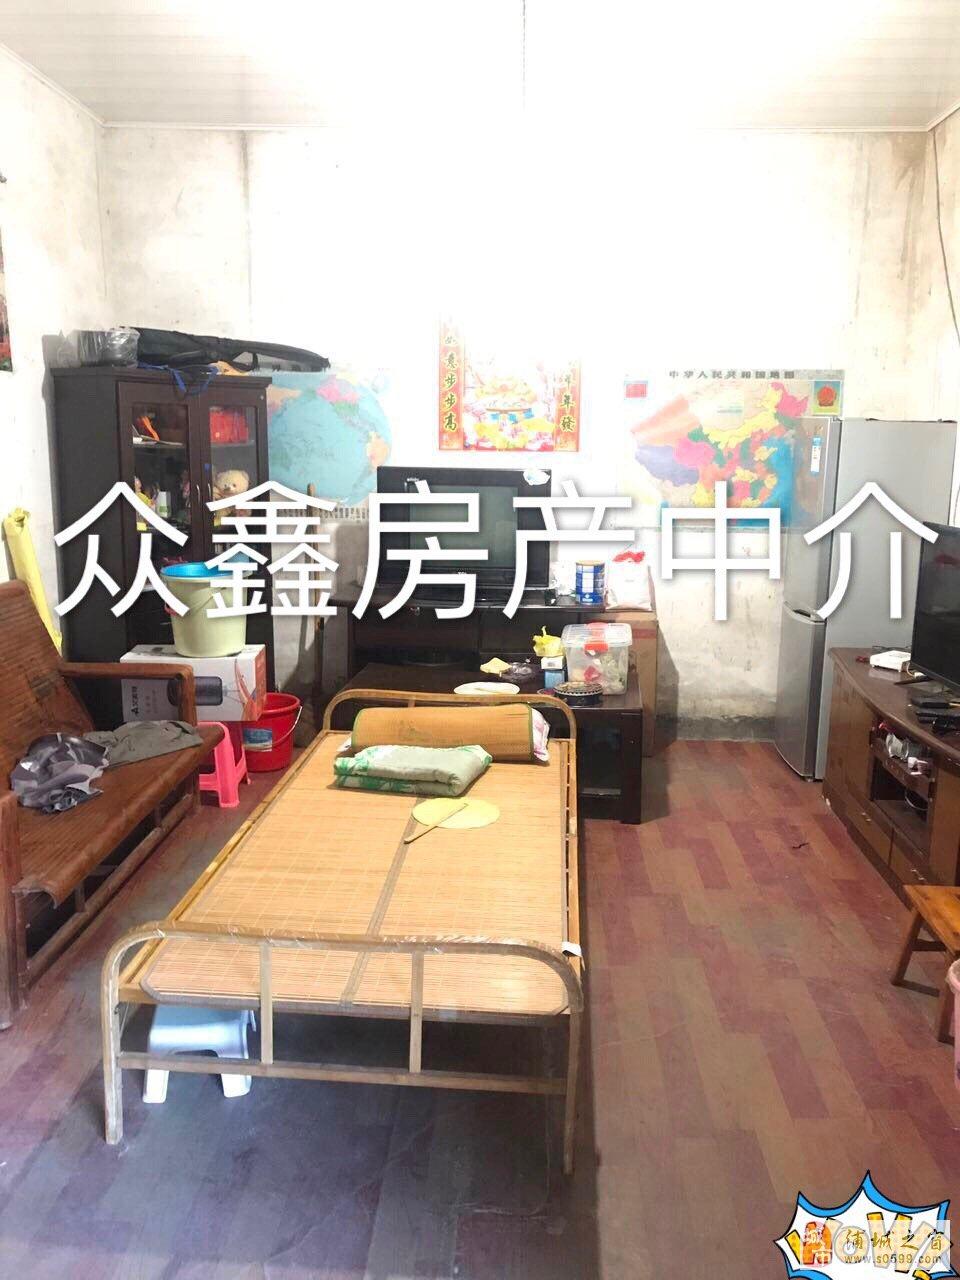 梦笔山村(没产证)自建平房,占地130平